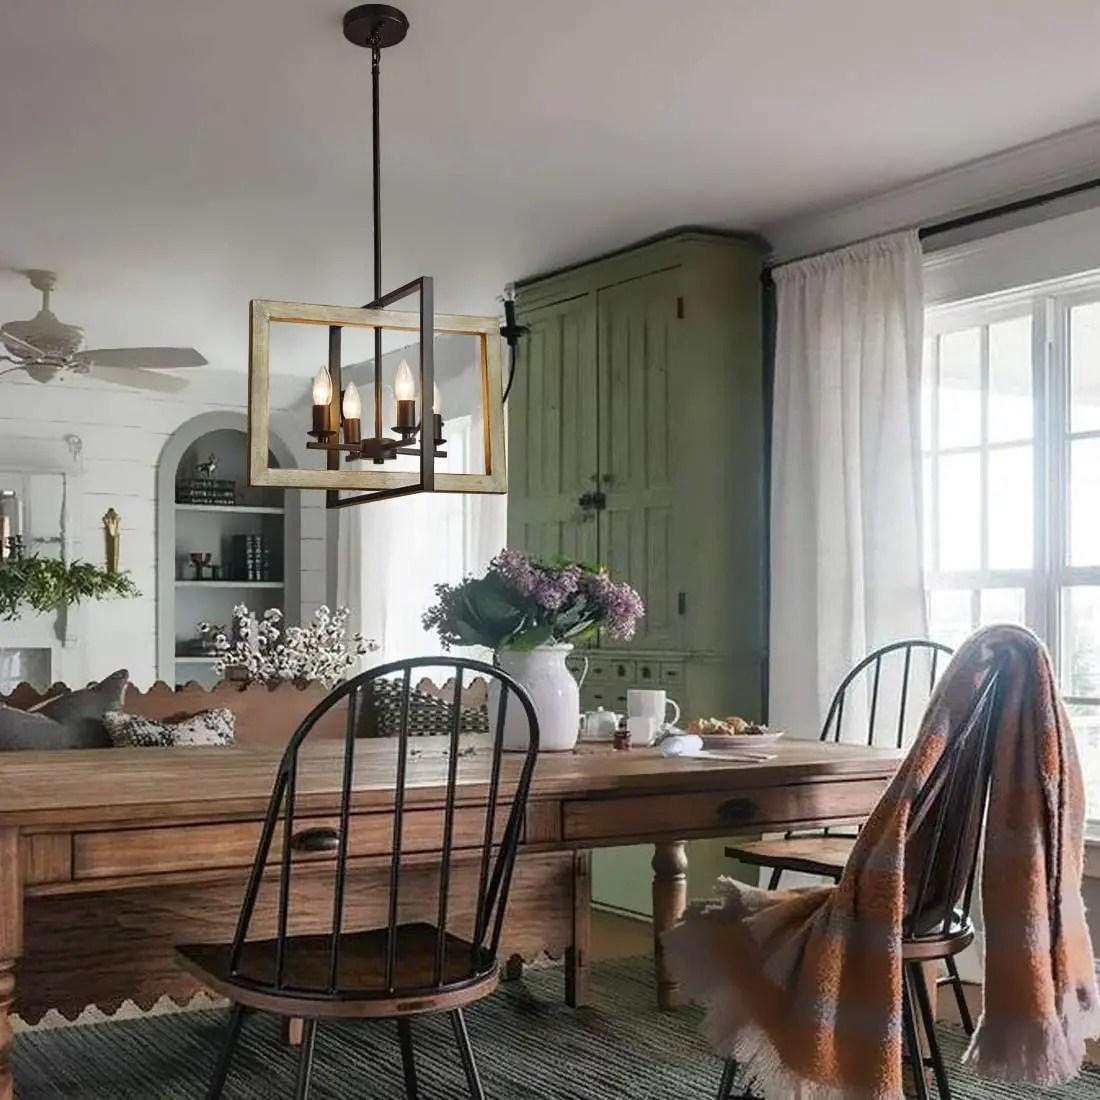 Dining-Table-Farmhouse-Light-Fixtures